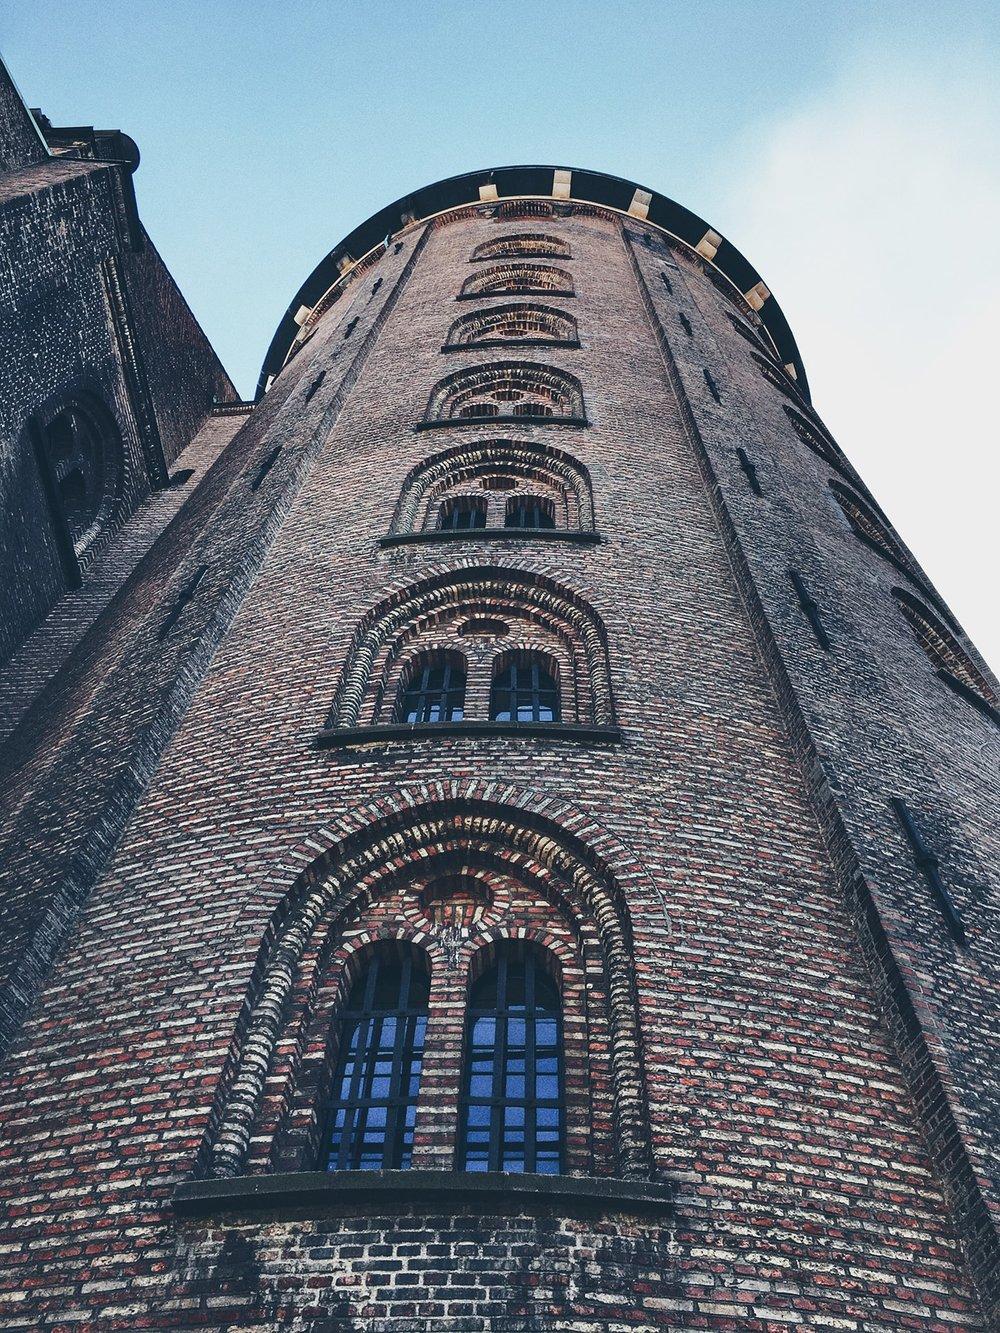 The Round Tower (Copenhagen, Denmark)